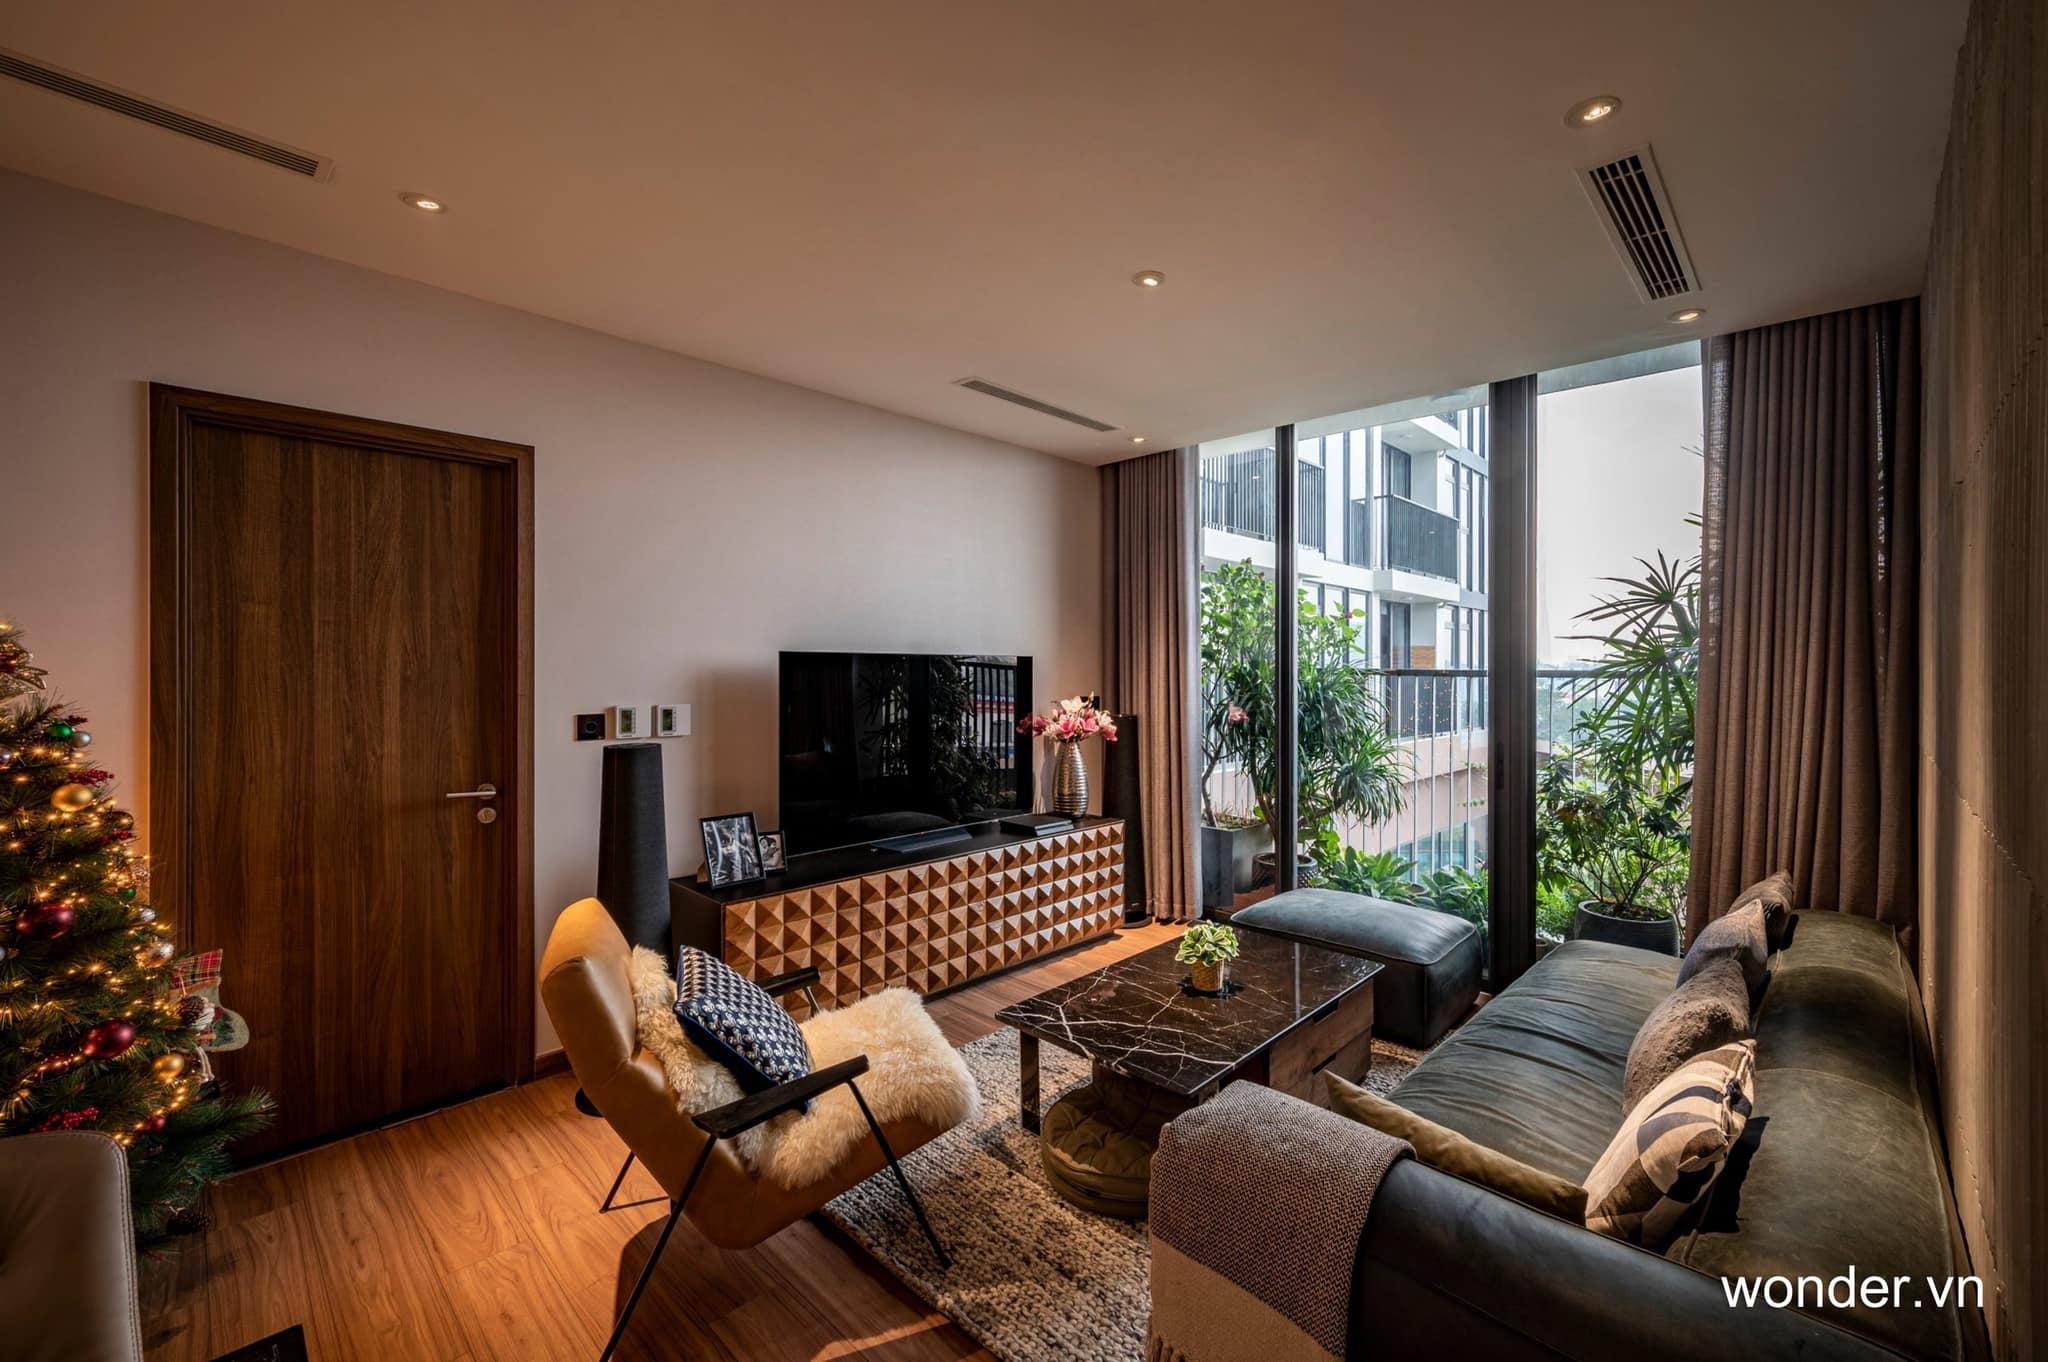 Có thể là hình ảnh về ghế sofa, phòng khách và văn bản cho biết 'wonder.vn'